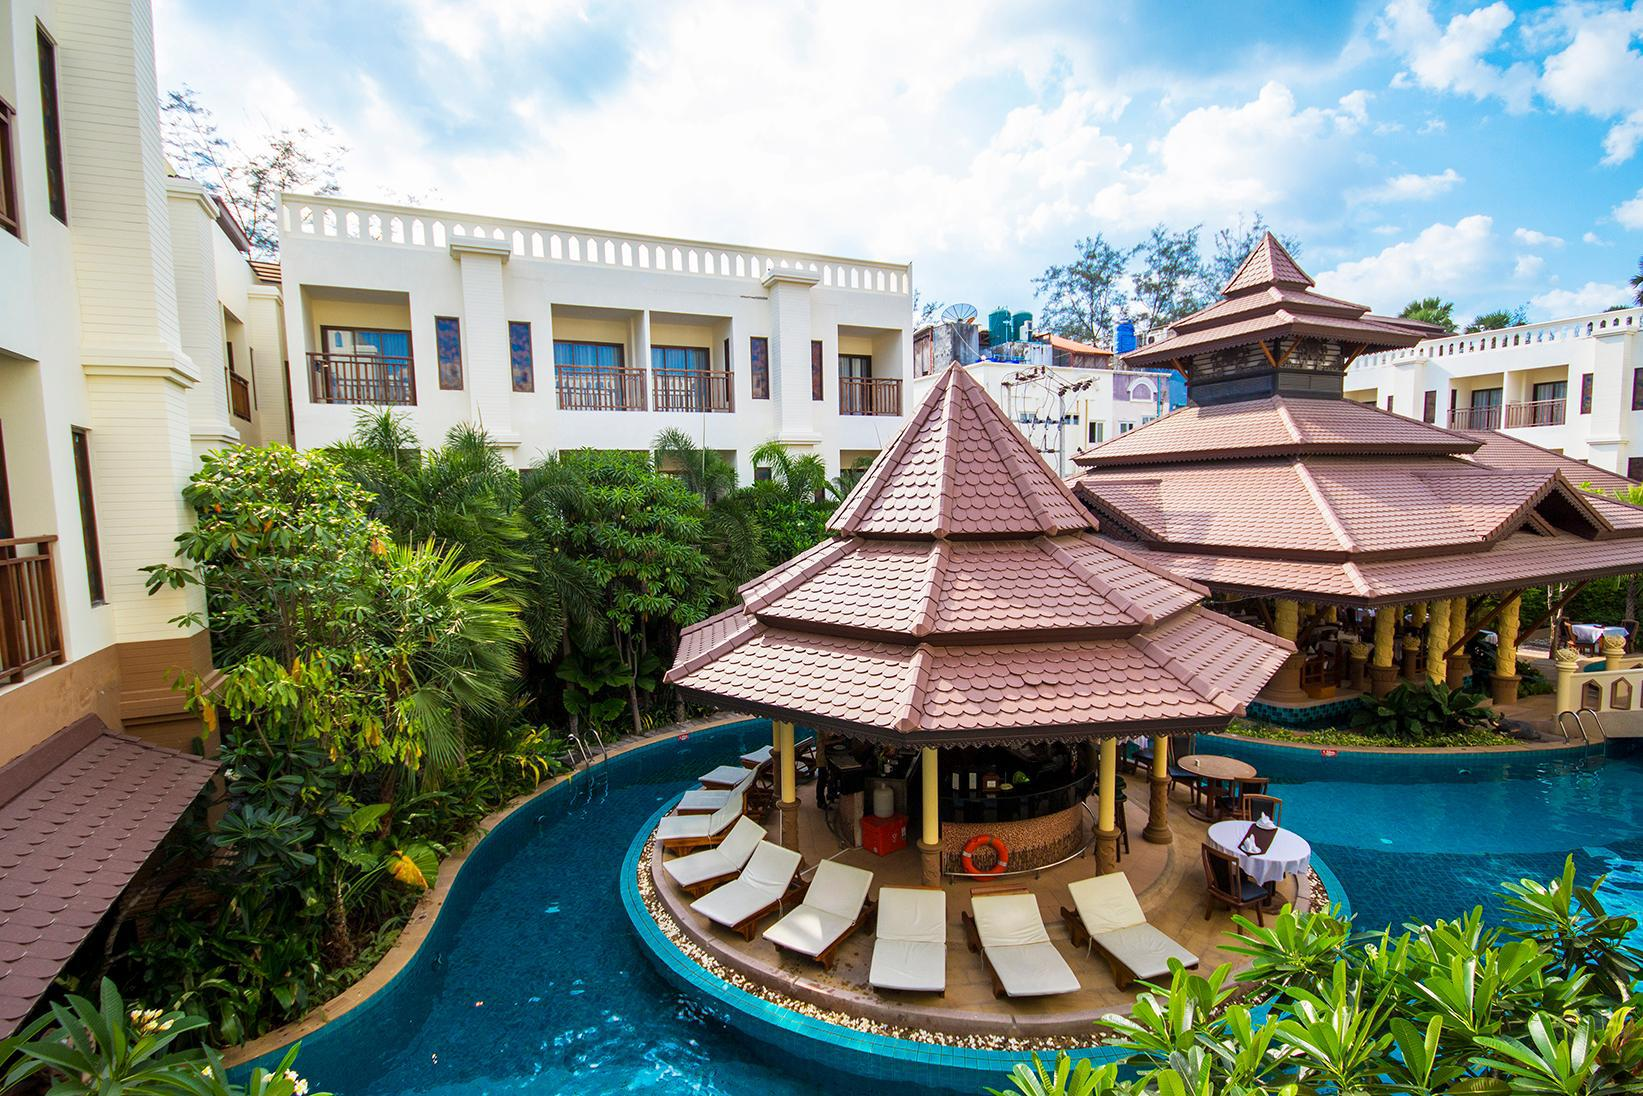 Shanaya Beach Resort & Spa Phuket ชนายา บีช รีสอร์ต แอนด์ สปา ภูเก็ต